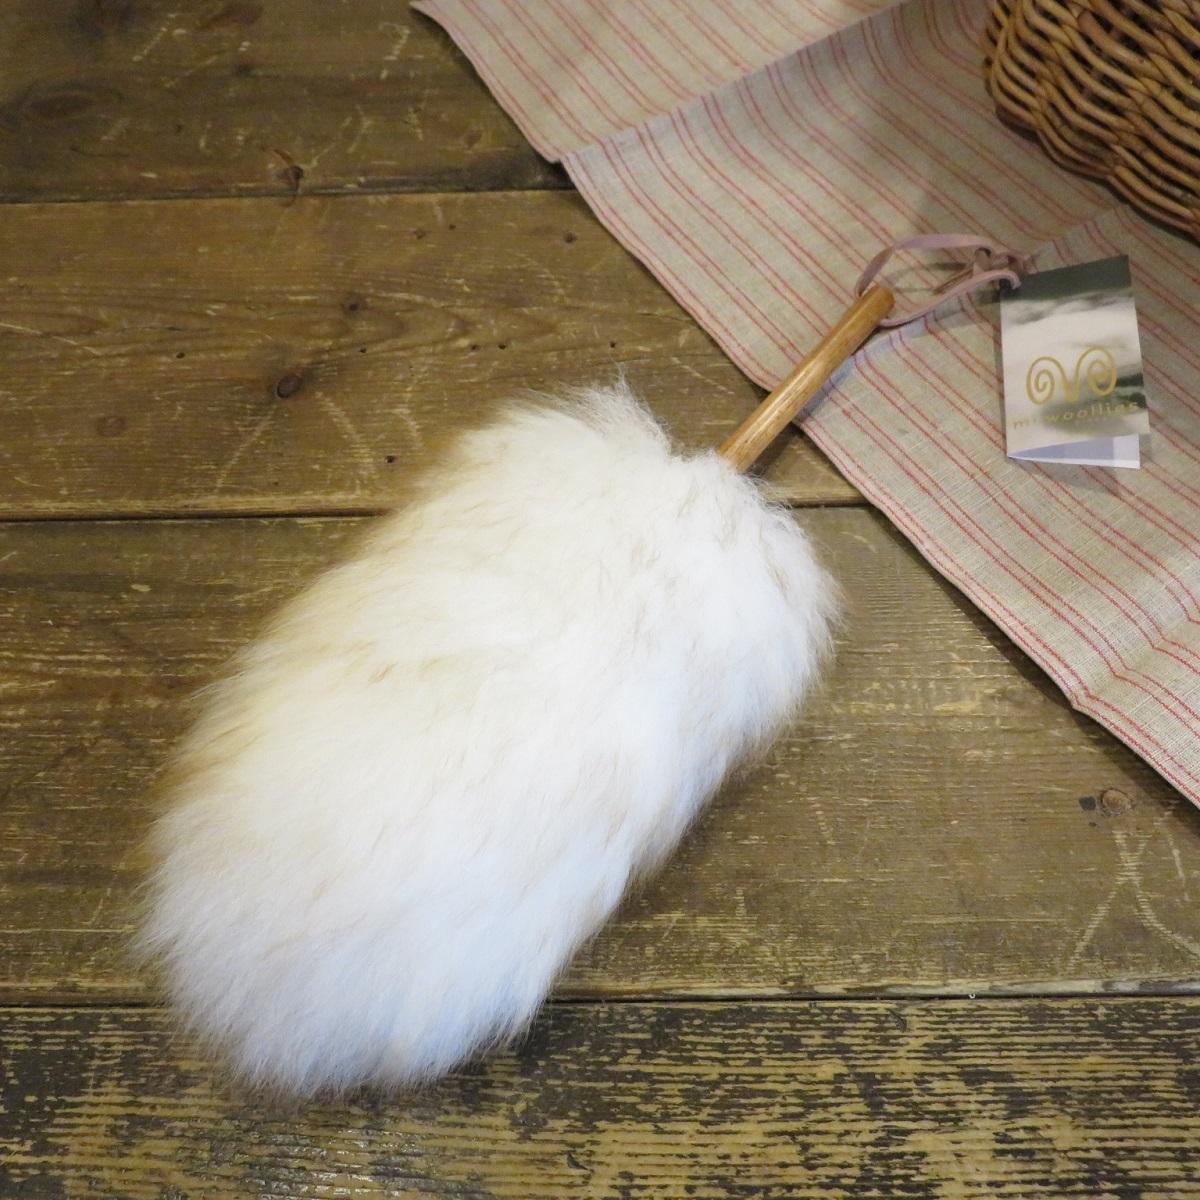 Mi Woolliesミーウーリーズ 羊毛ダスターS 30センチ 25本セット!【あす楽】